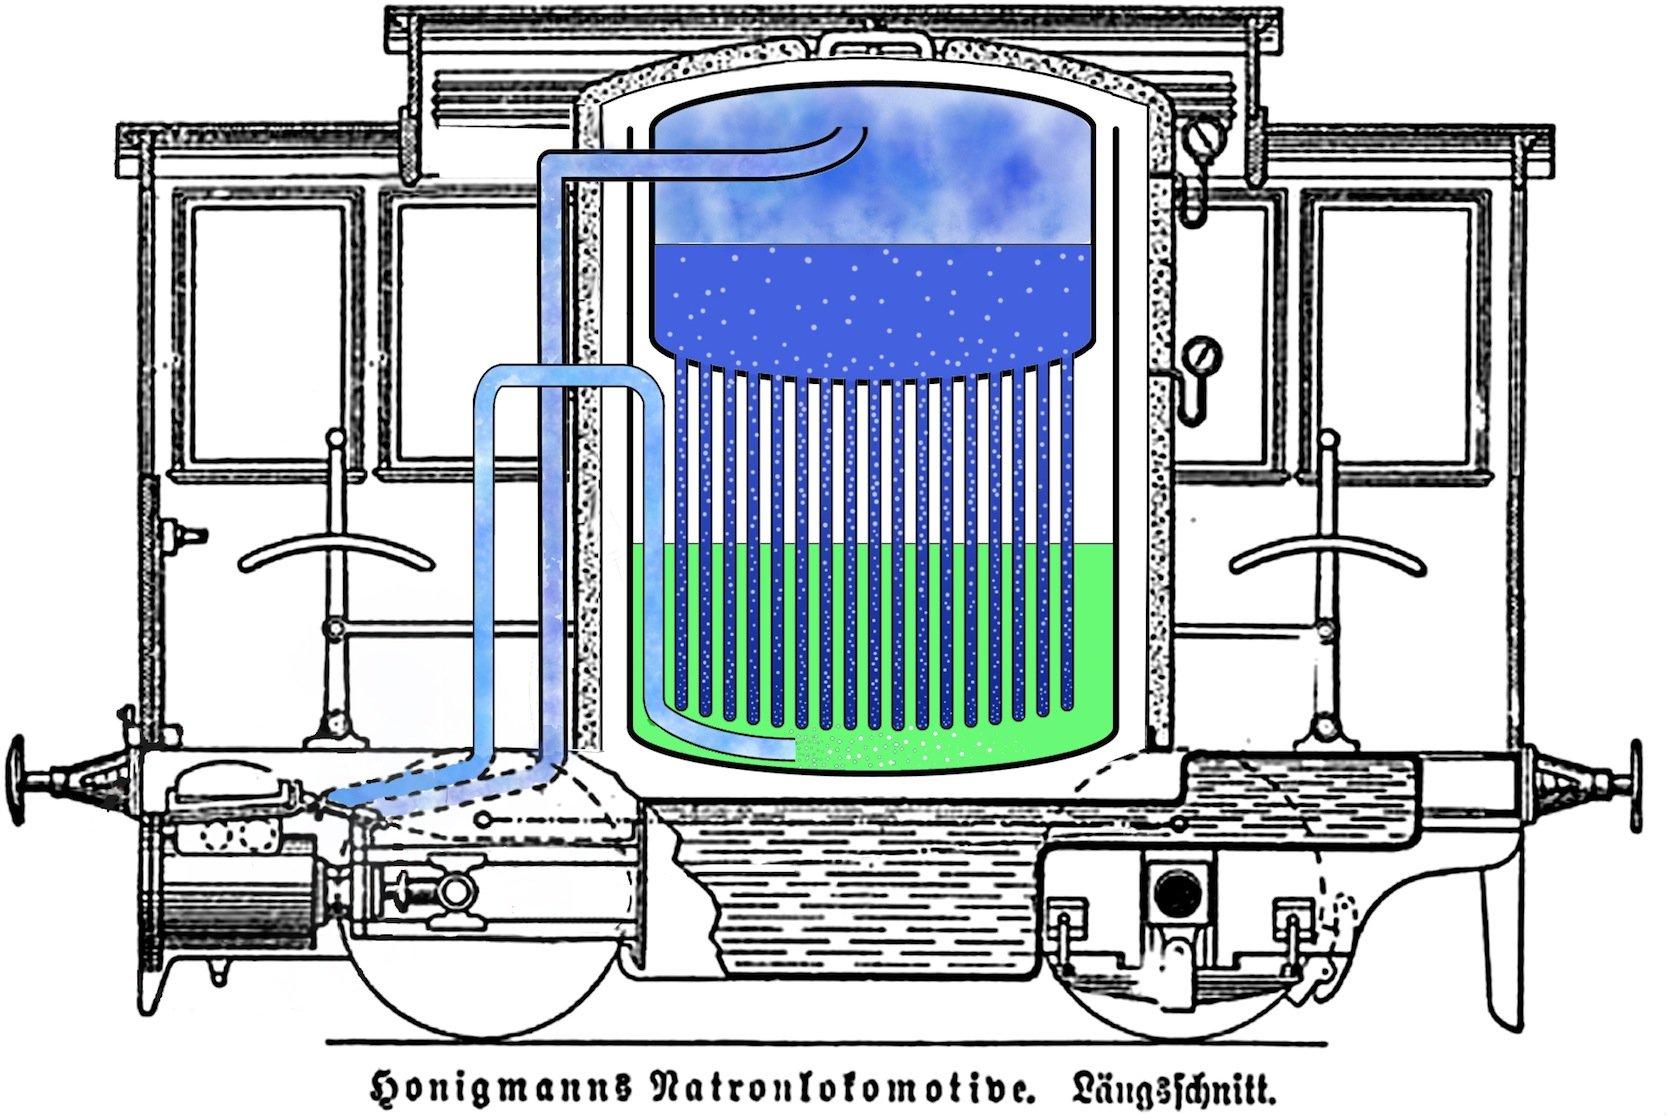 1883 meldete der Ingenieur Moritz Honigmann seine feuerlose Dampflok zum Patent an. Durch das Einleiten von Wasserdampf in konzentrierte Natronlauge wurde starke Wärme frei, die Honigmann nutzte um heißen Dampf für den Antrieb zu erzeugen.